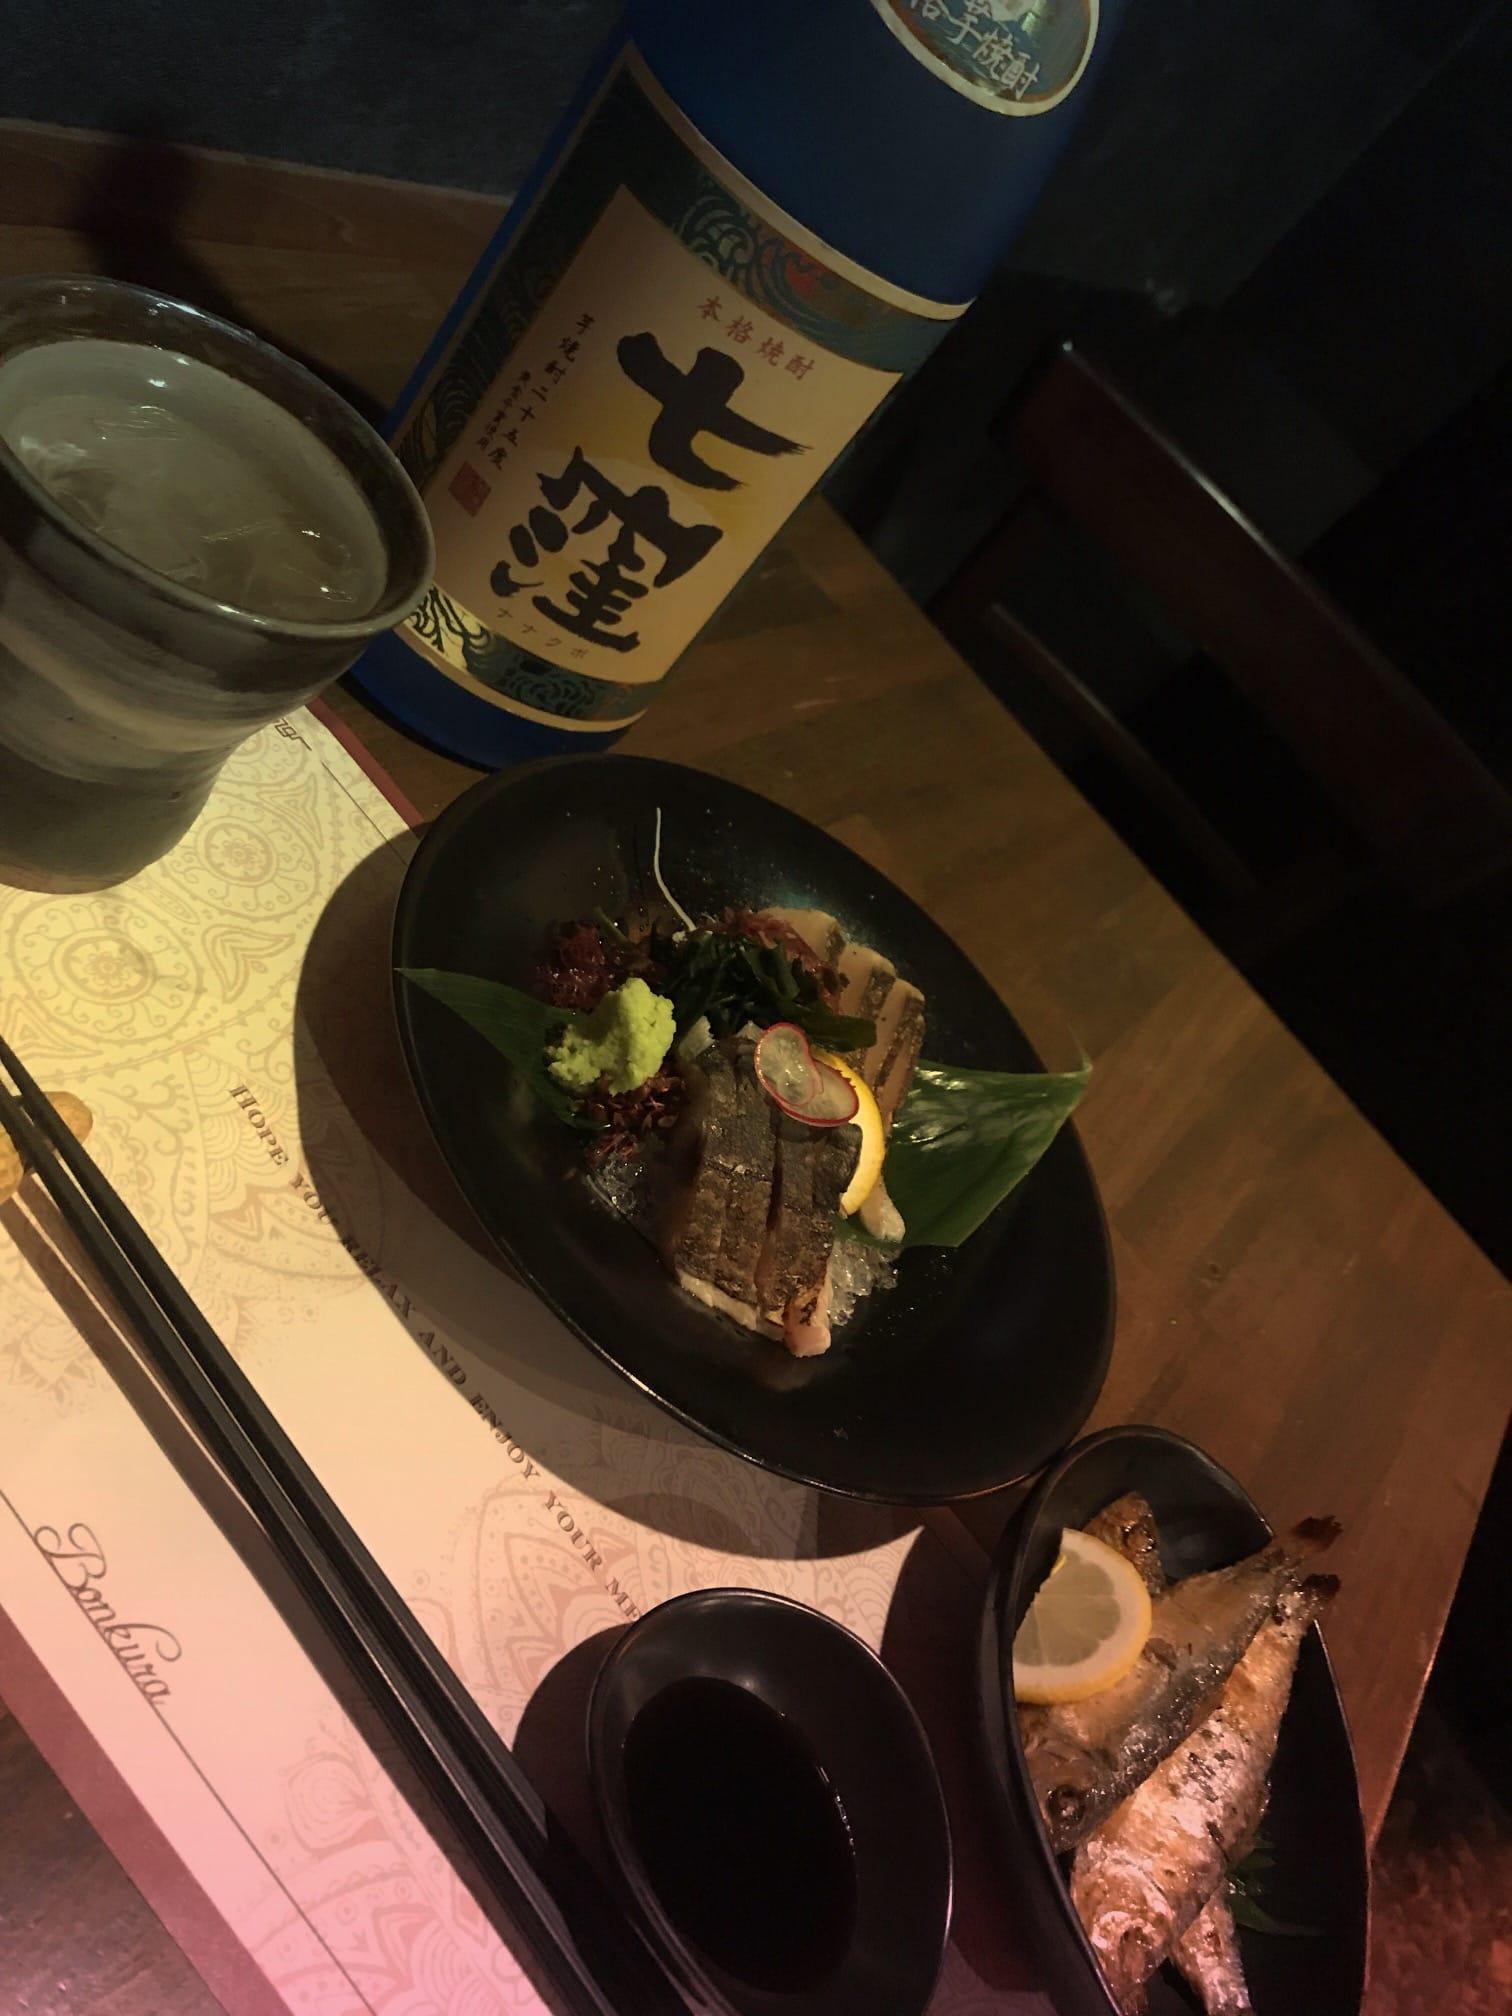 「おしゃれな居酒屋にて(о´∀`о)」07/31(月) 20:48 | よつばの写メ・風俗動画